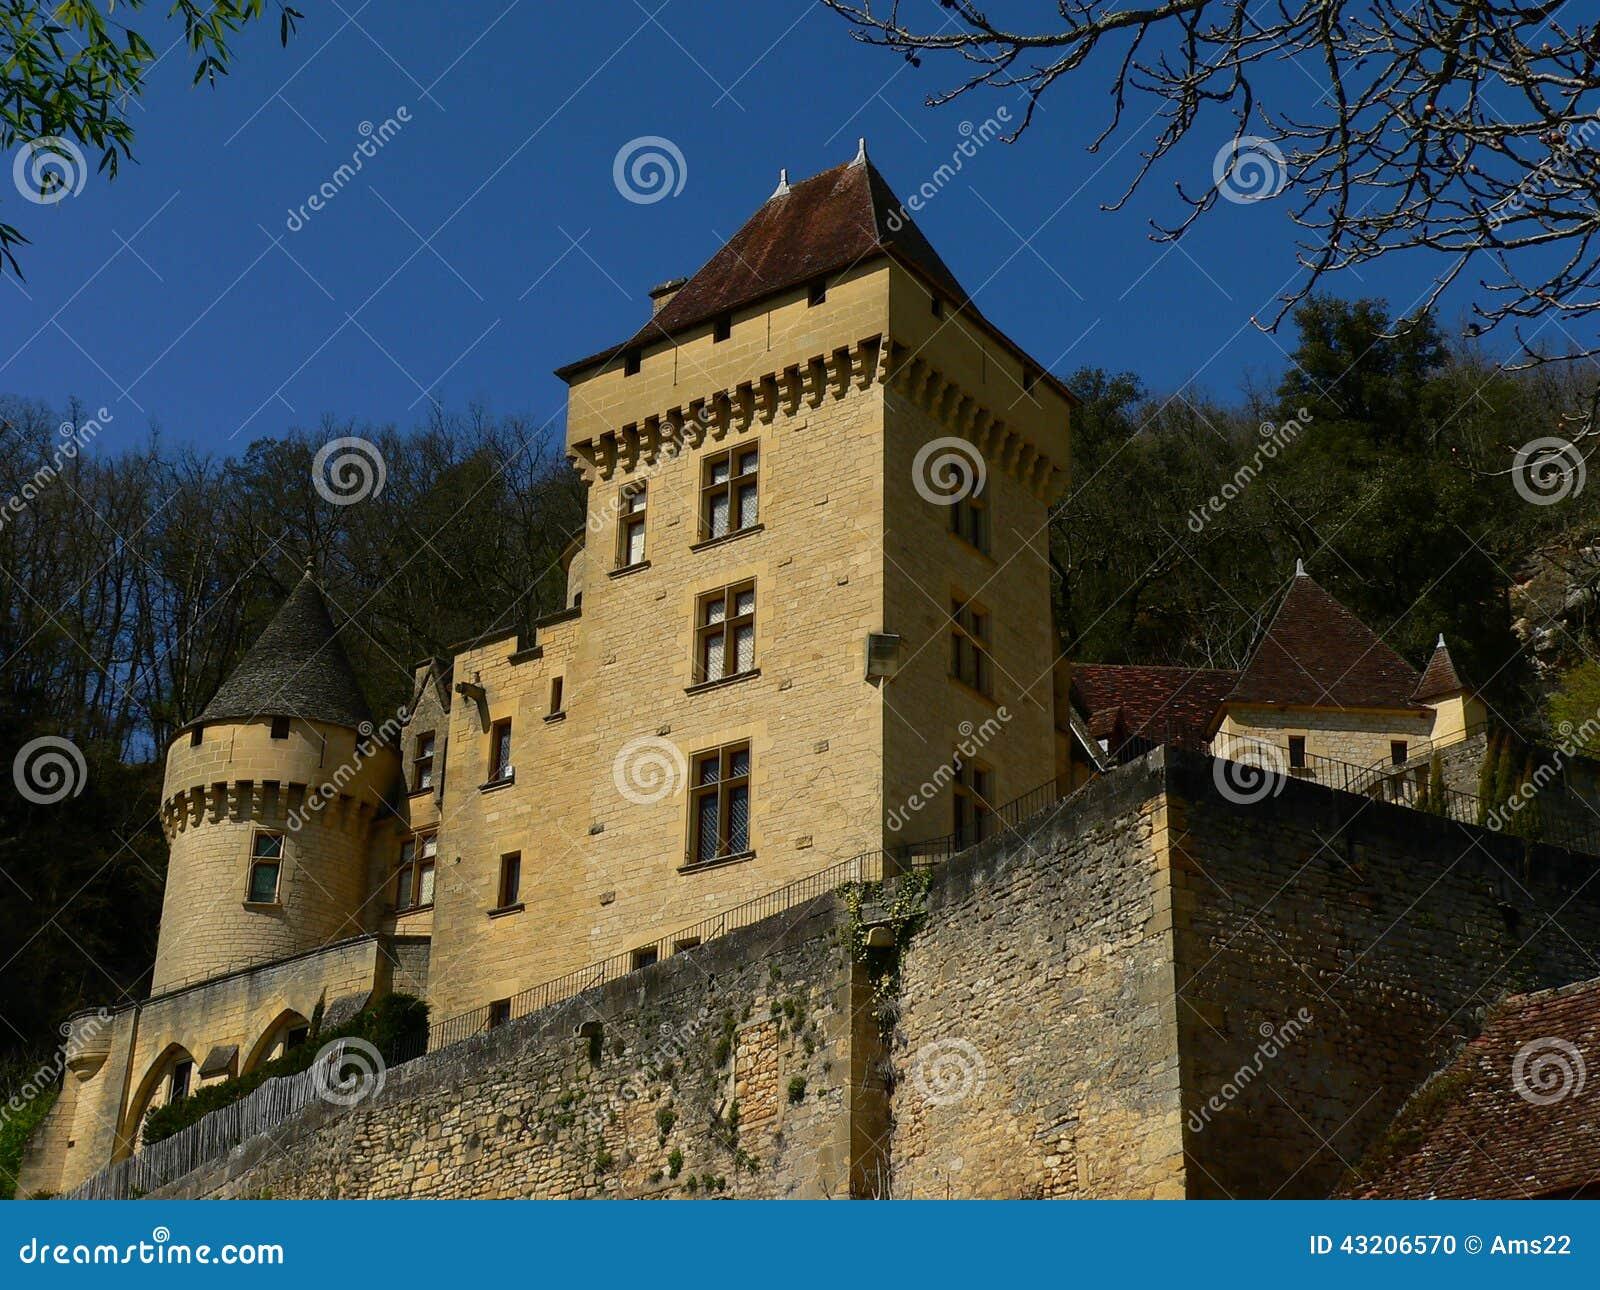 Download Roque För Malartrie För La För Gageac För Chateaude France Arkivfoto - Bild av befästning, liggande: 43206570